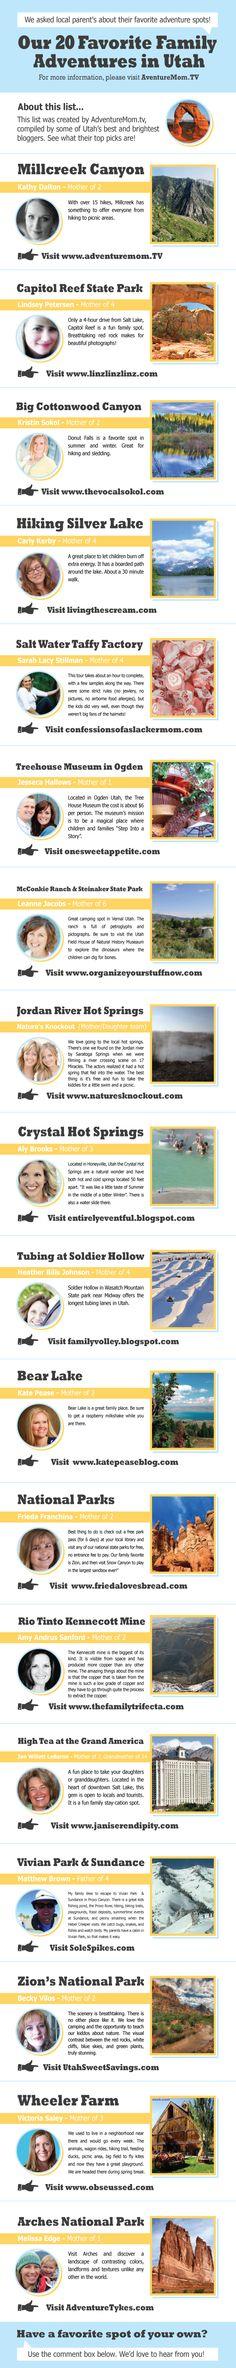 Bloggers' Picks for Utah